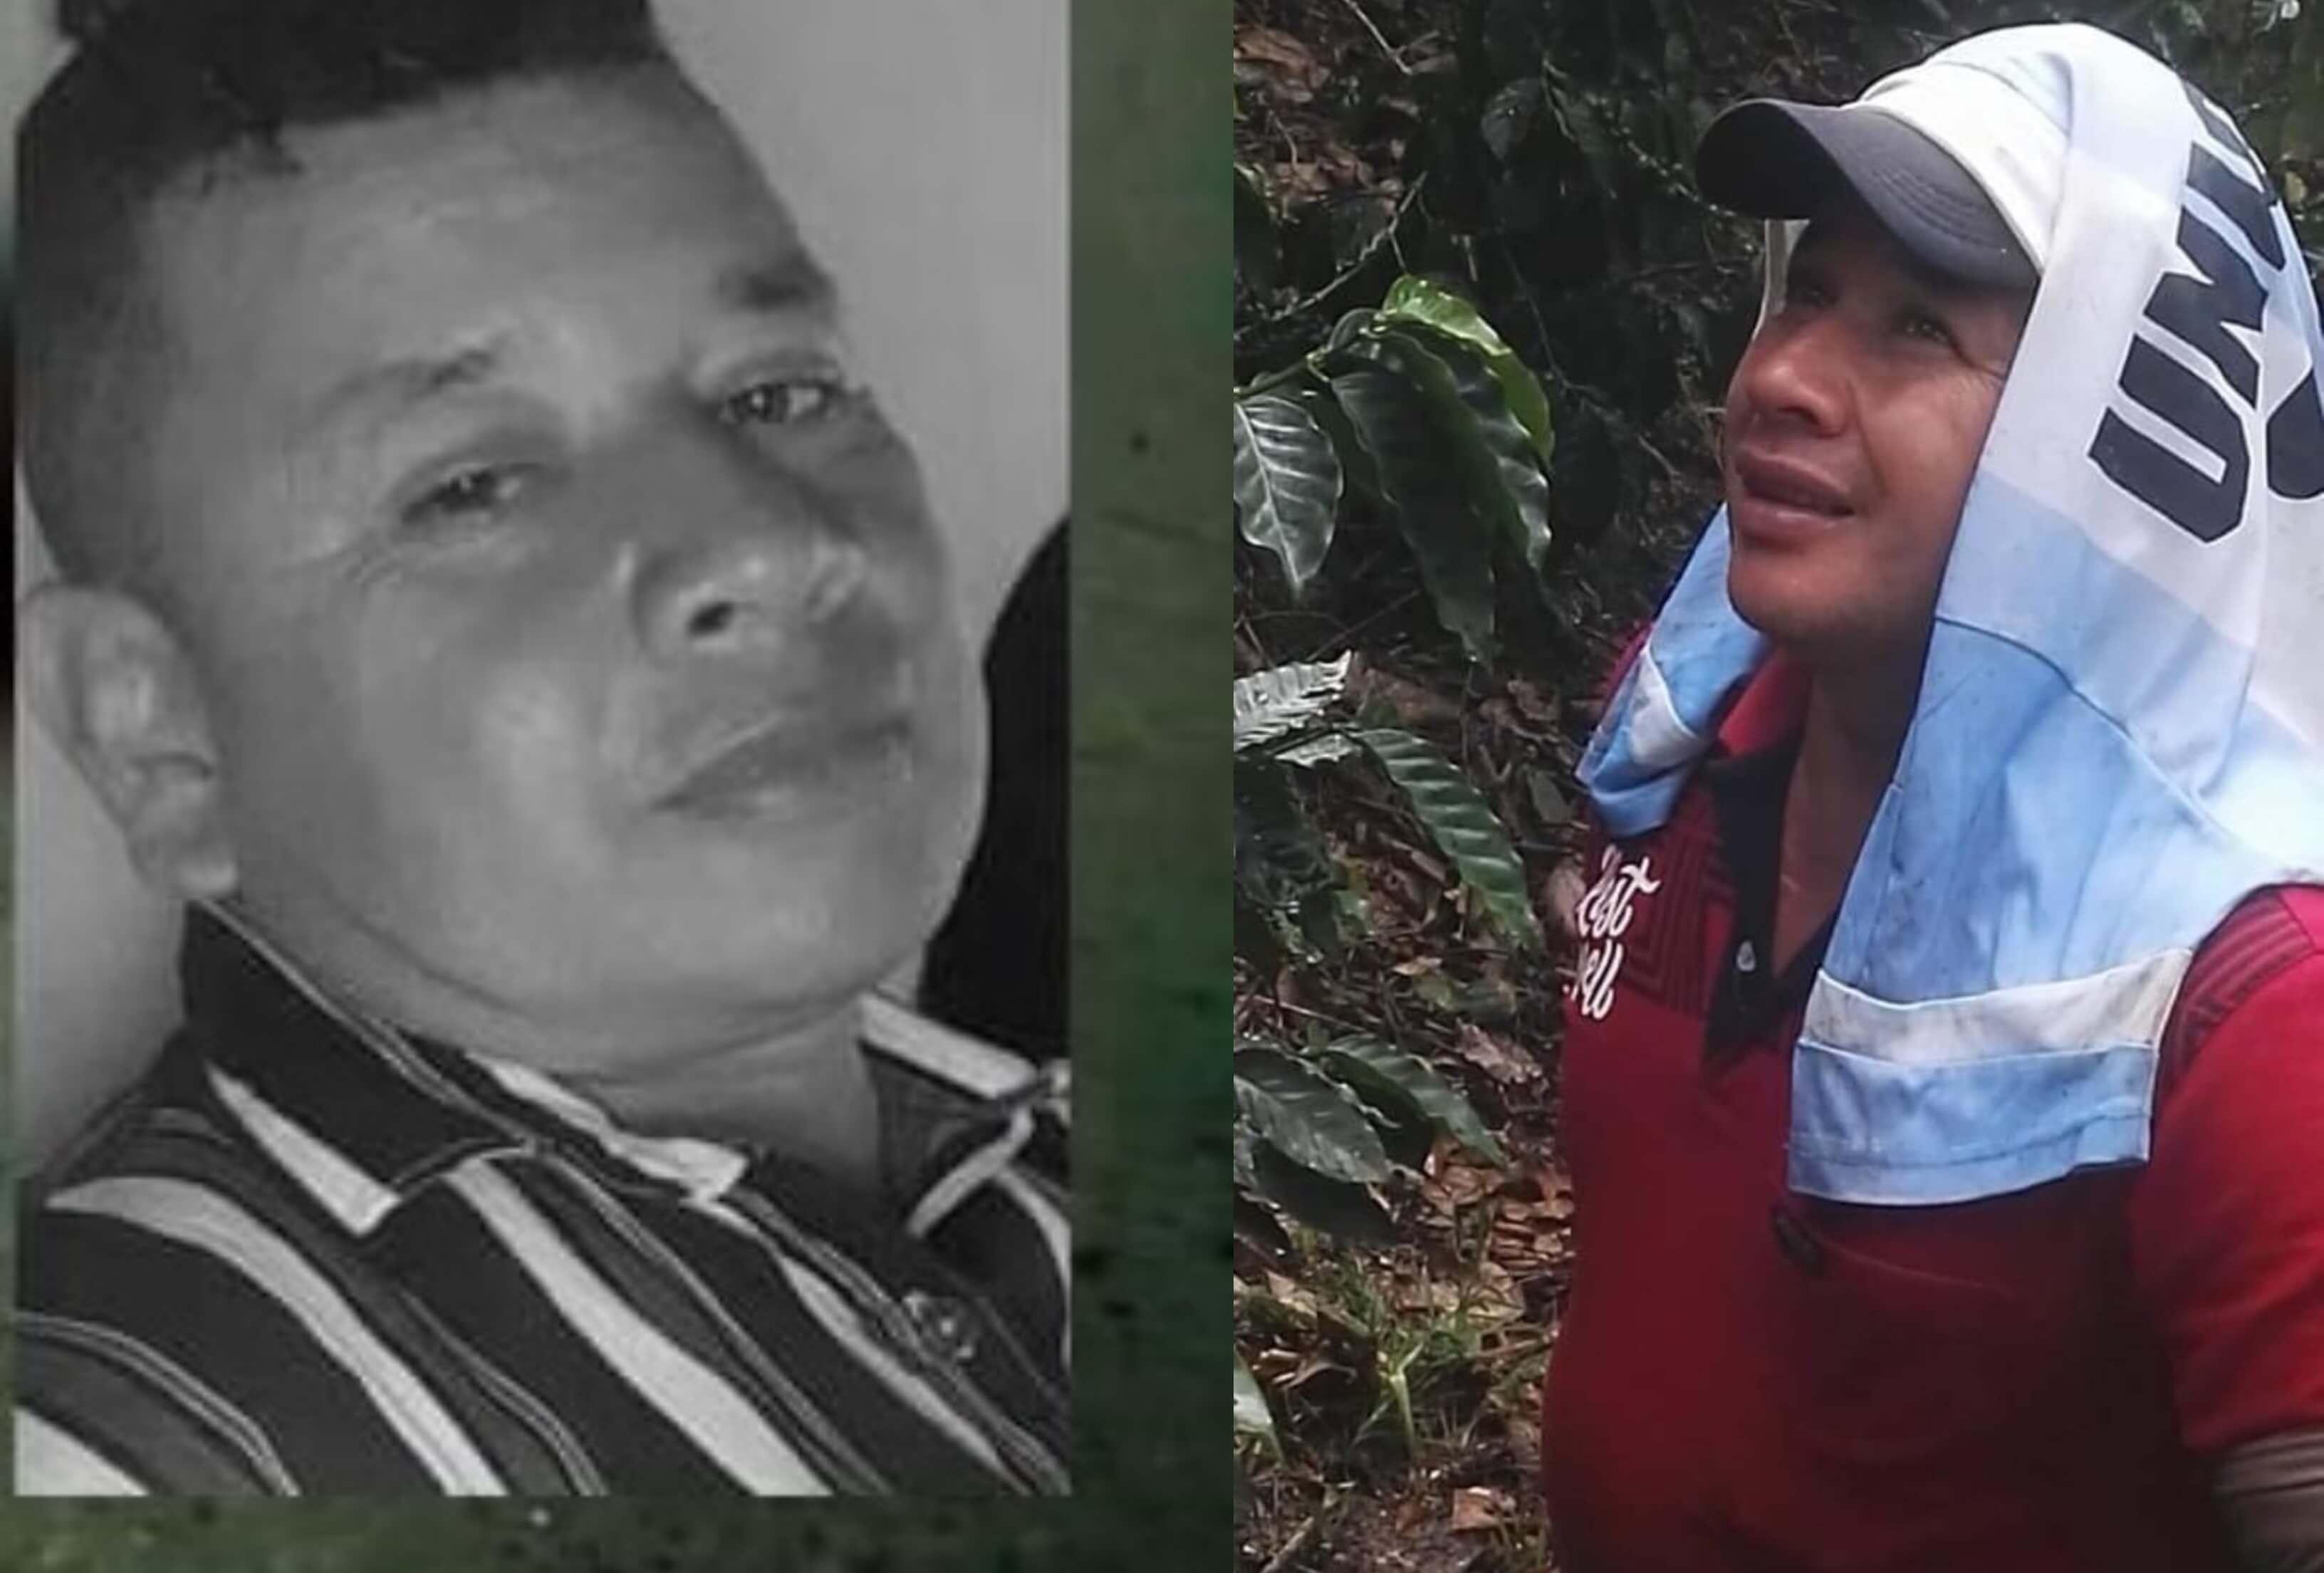 Un muerto y una persona herida dejó accidente de tránsito en Pitalito